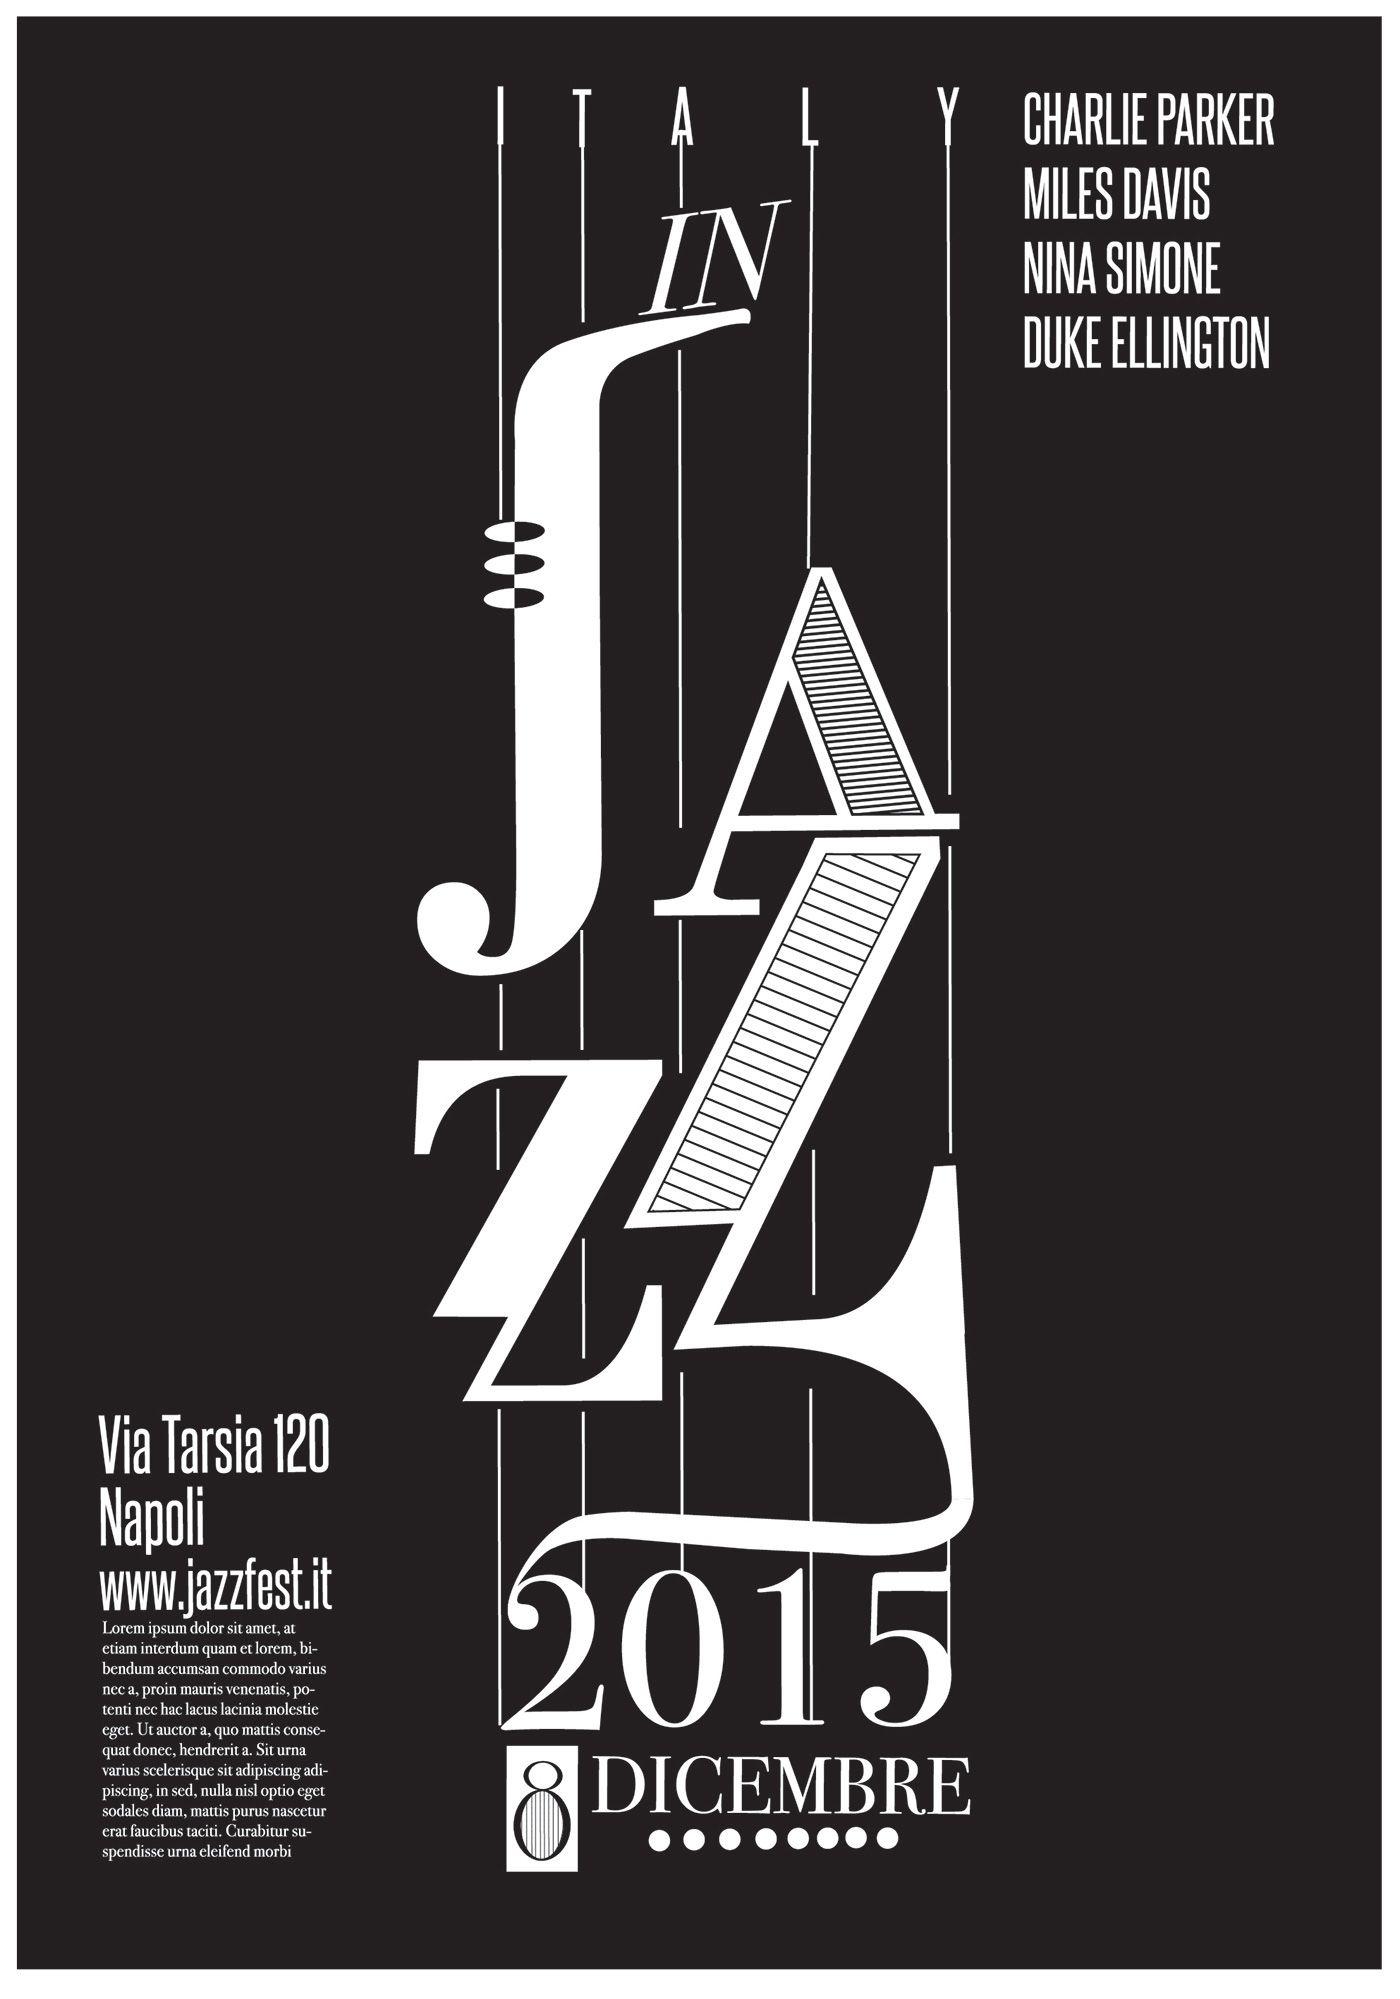 Il Poster E Stato Realizzato In Occasione Di Un Festival Relativo Alla Musica Jazz Music Poster Design Typography Poster Design Typography Poster